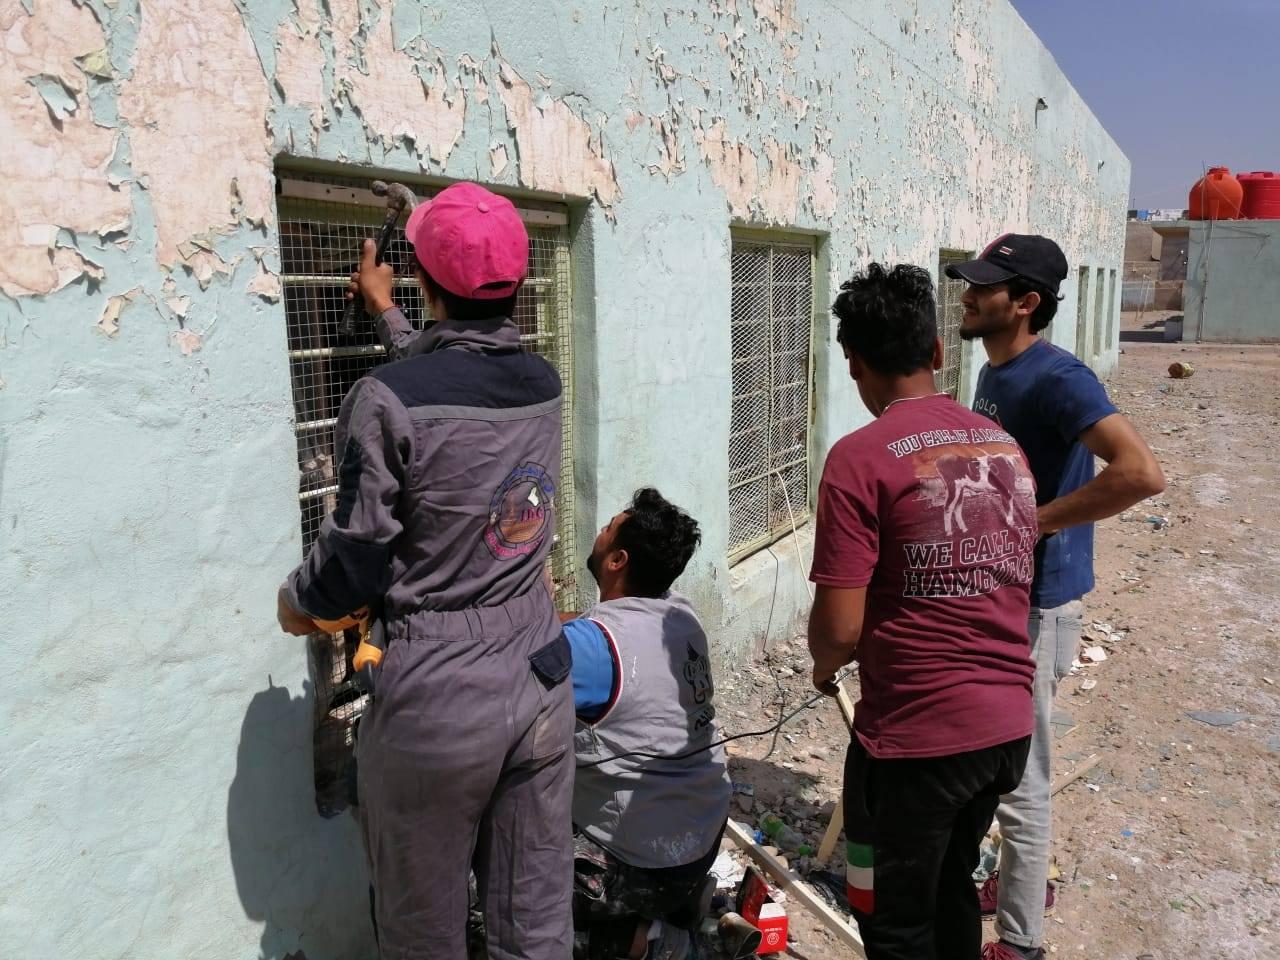 كلية شط العرب الجامعة تنظم اعمال تطوعية لصيانة المدارس